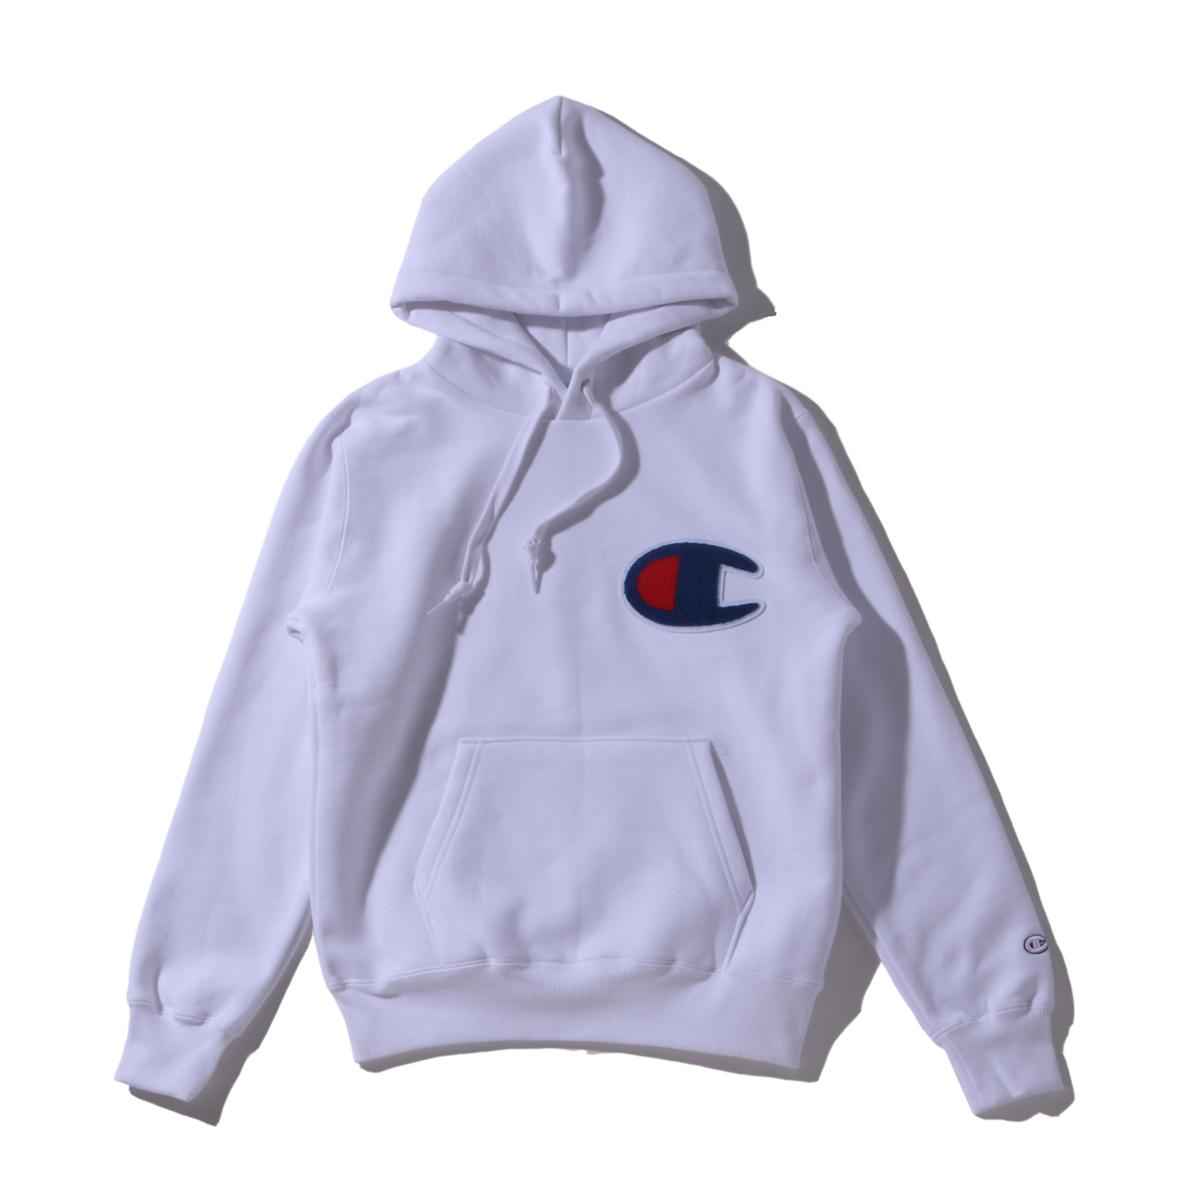 Champion PULLOVER HOODED SWEATSHIRT(チャンピオン プルオーバー フーデッドスウェットシャツ)ホワイト【メンズ パーカー】19FA-I